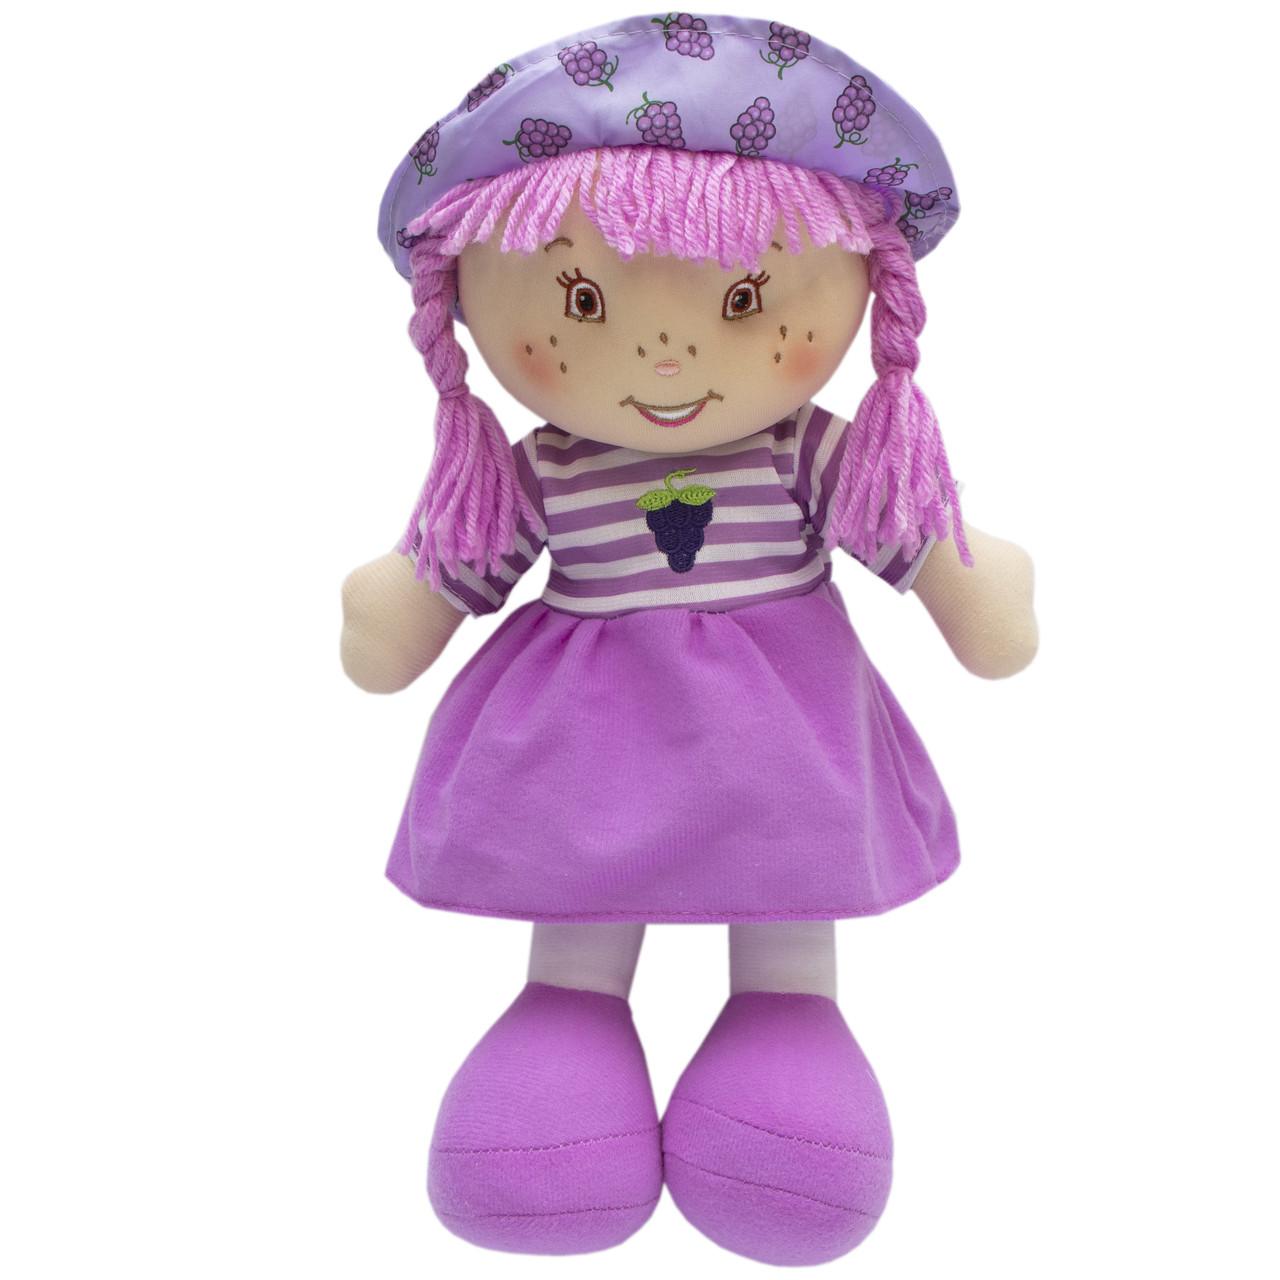 Мягкая игрушка кукла с вышитым лицом, 36 см, фиолетовое платье (860876)